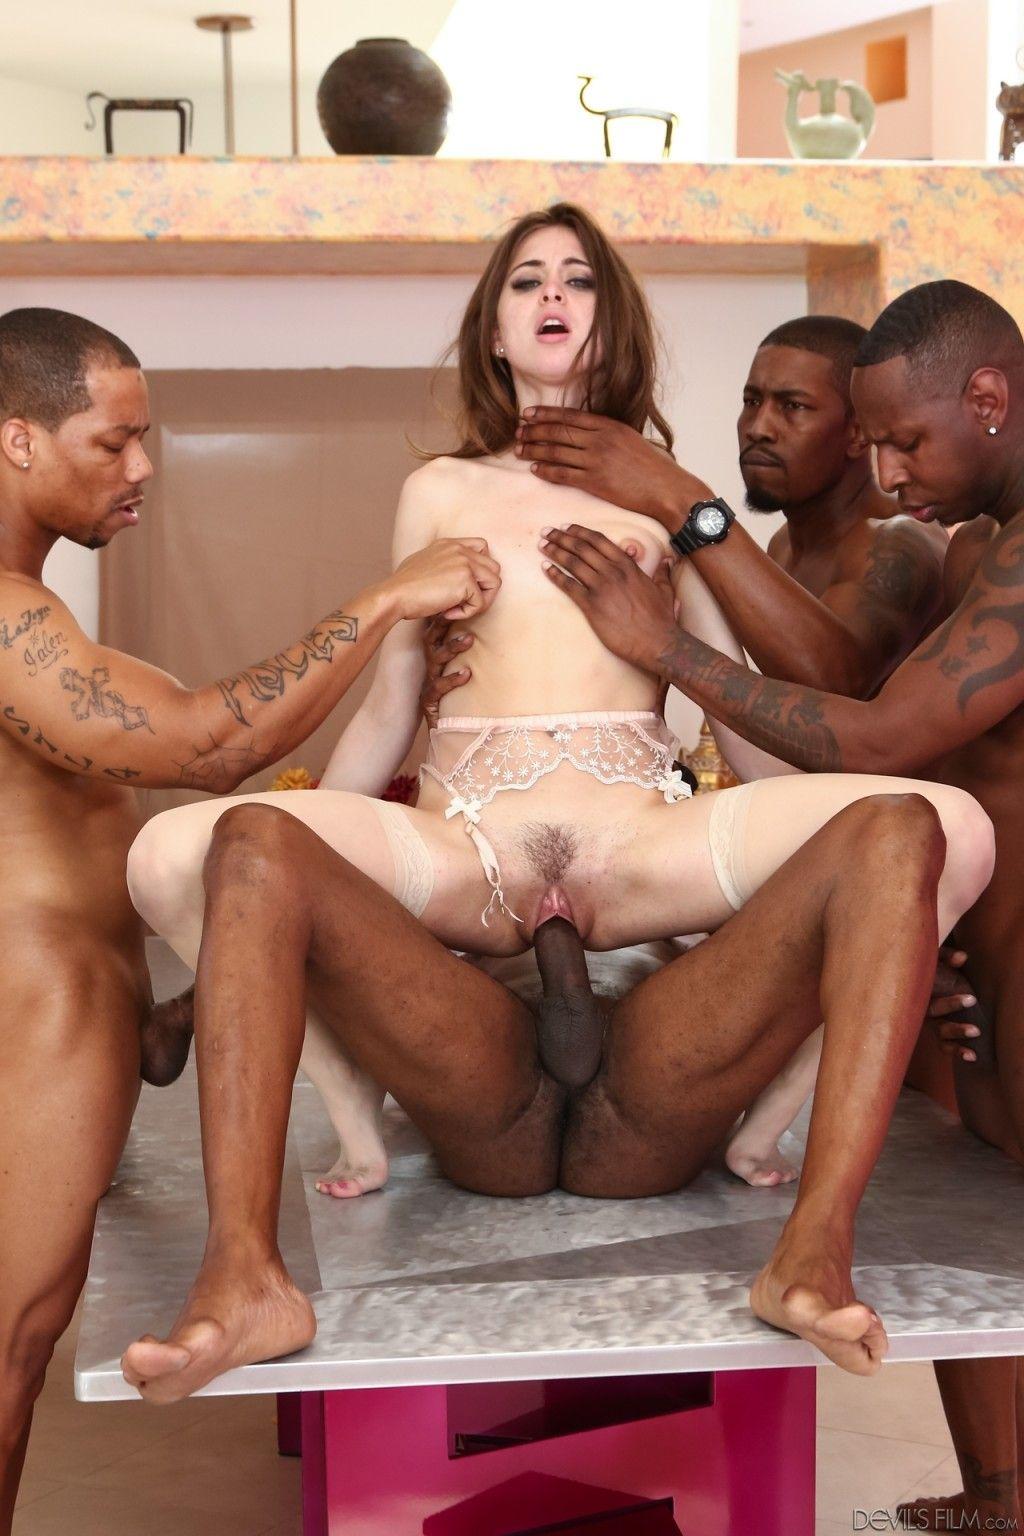 رايلي ريد في عرقي المجموعة سند في XXX الإباحية الهواة